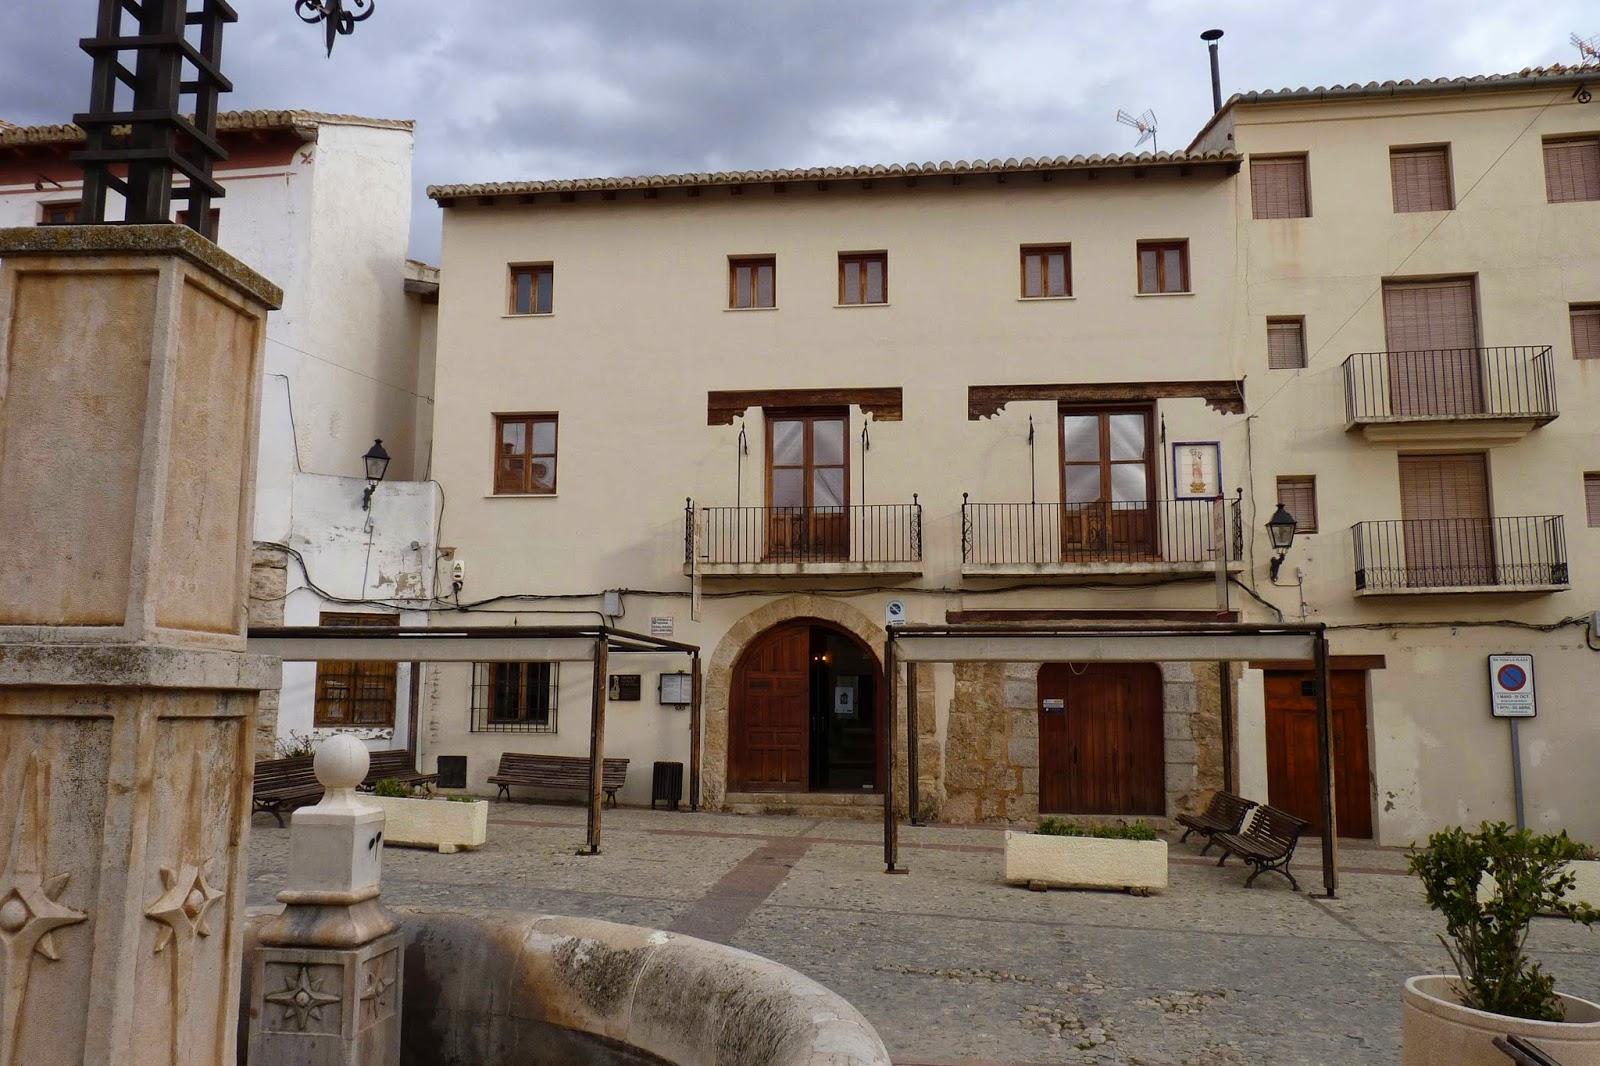 Plaza del Albornoz, Cuevas de la Villa, Requena.